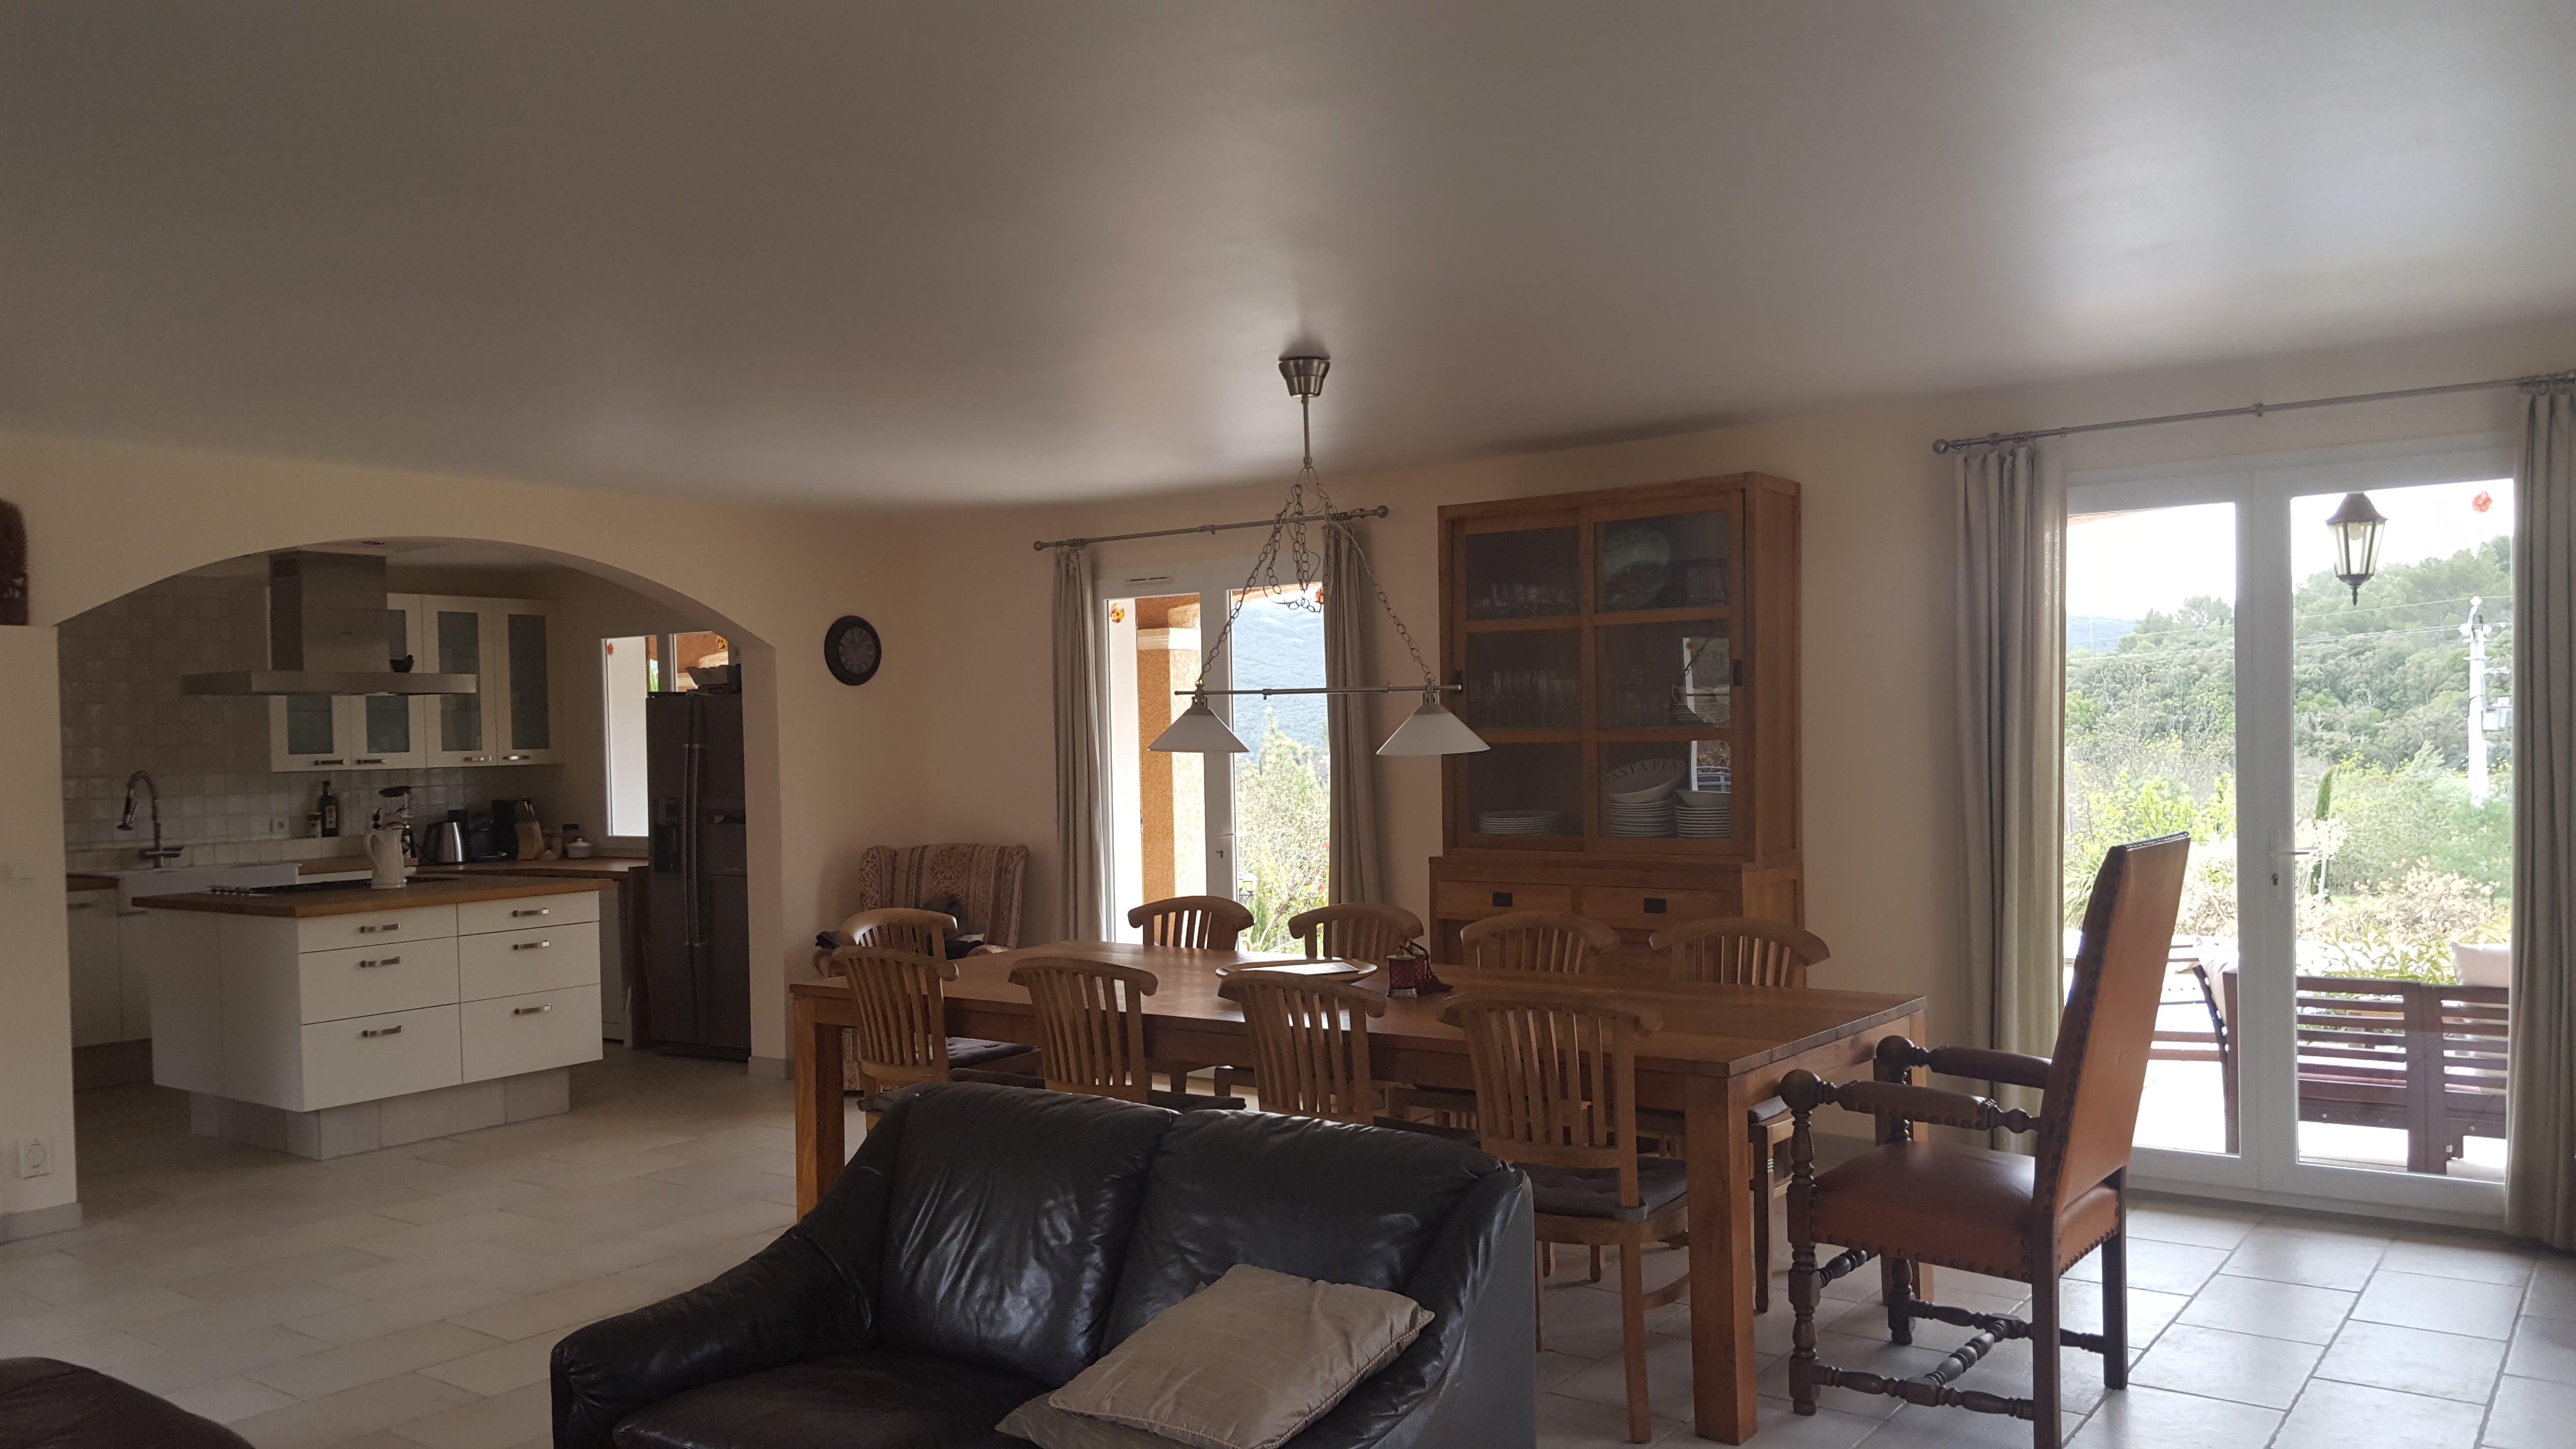 Vesenca-huiskamer-keuken-3